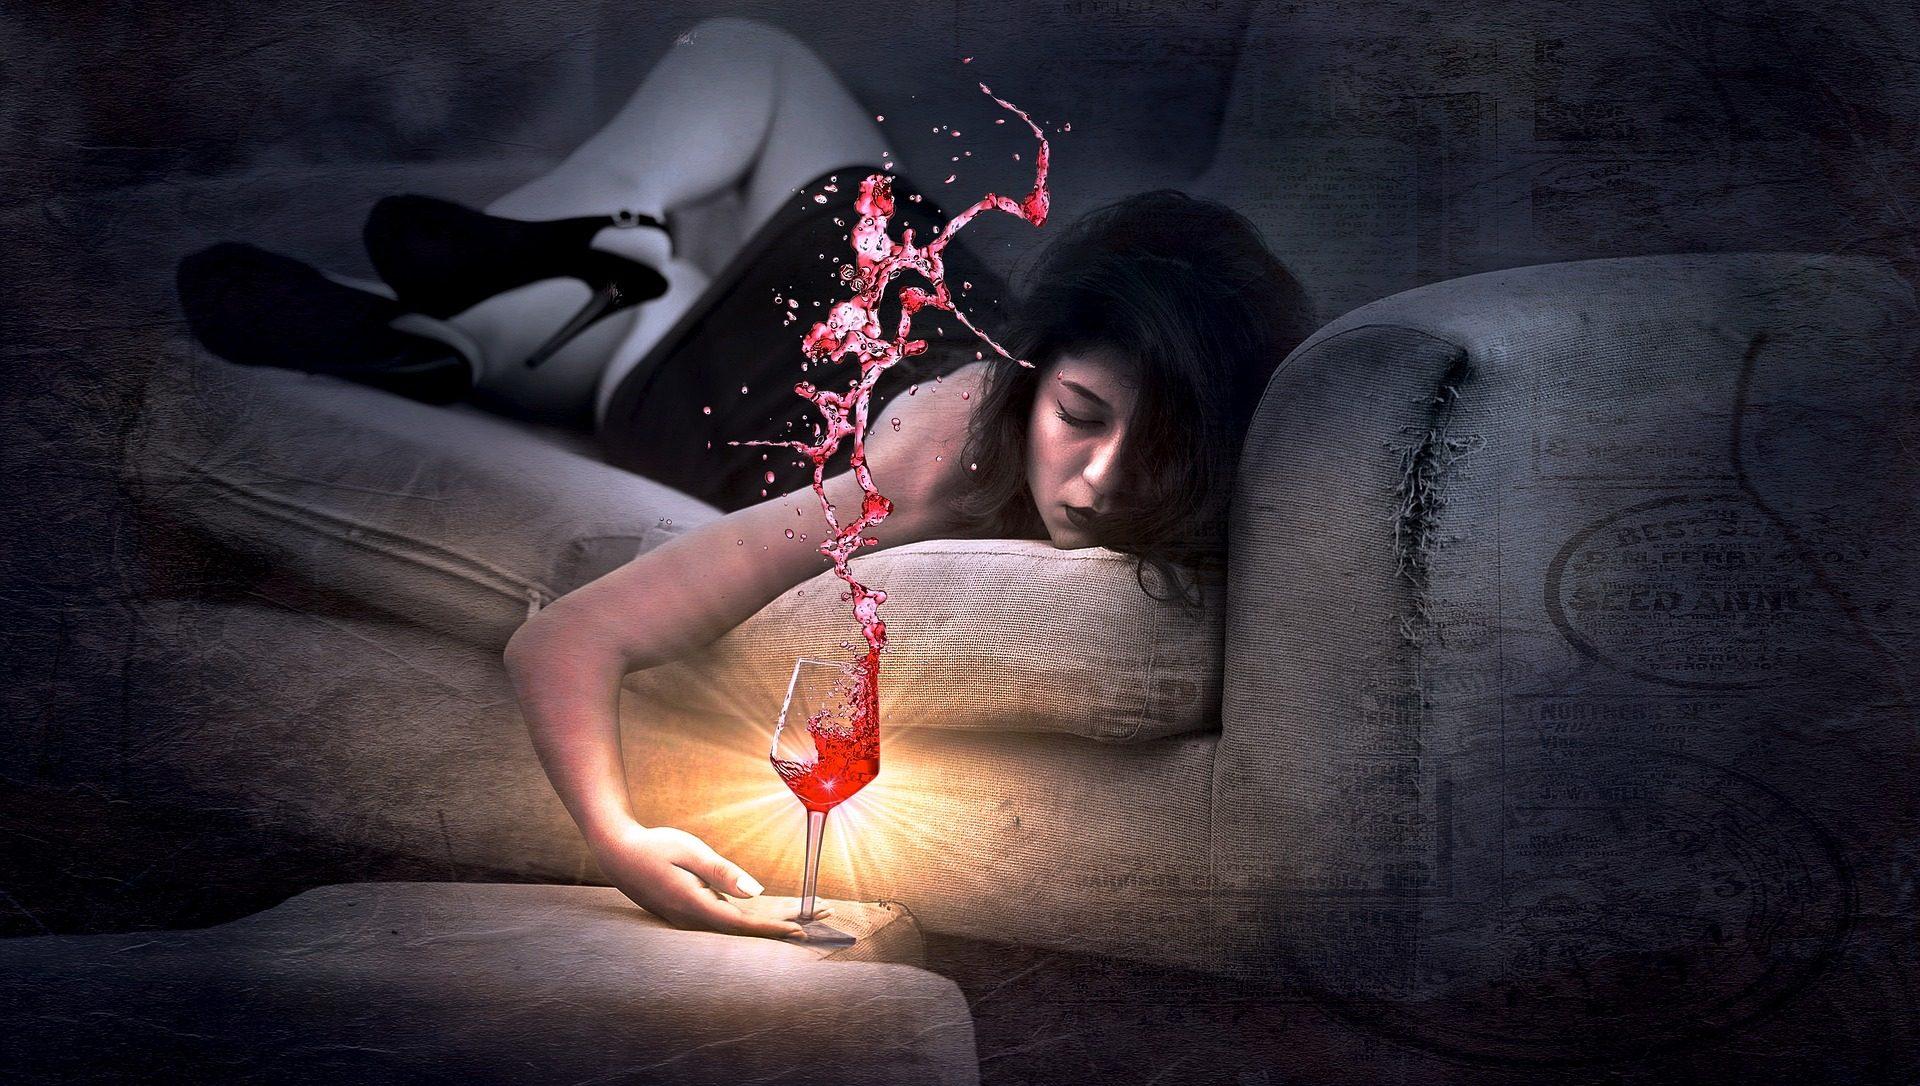 امرأة, أريكة, كأس, النبيذ, البداية - خلفيات عالية الدقة - أستاذ falken.com